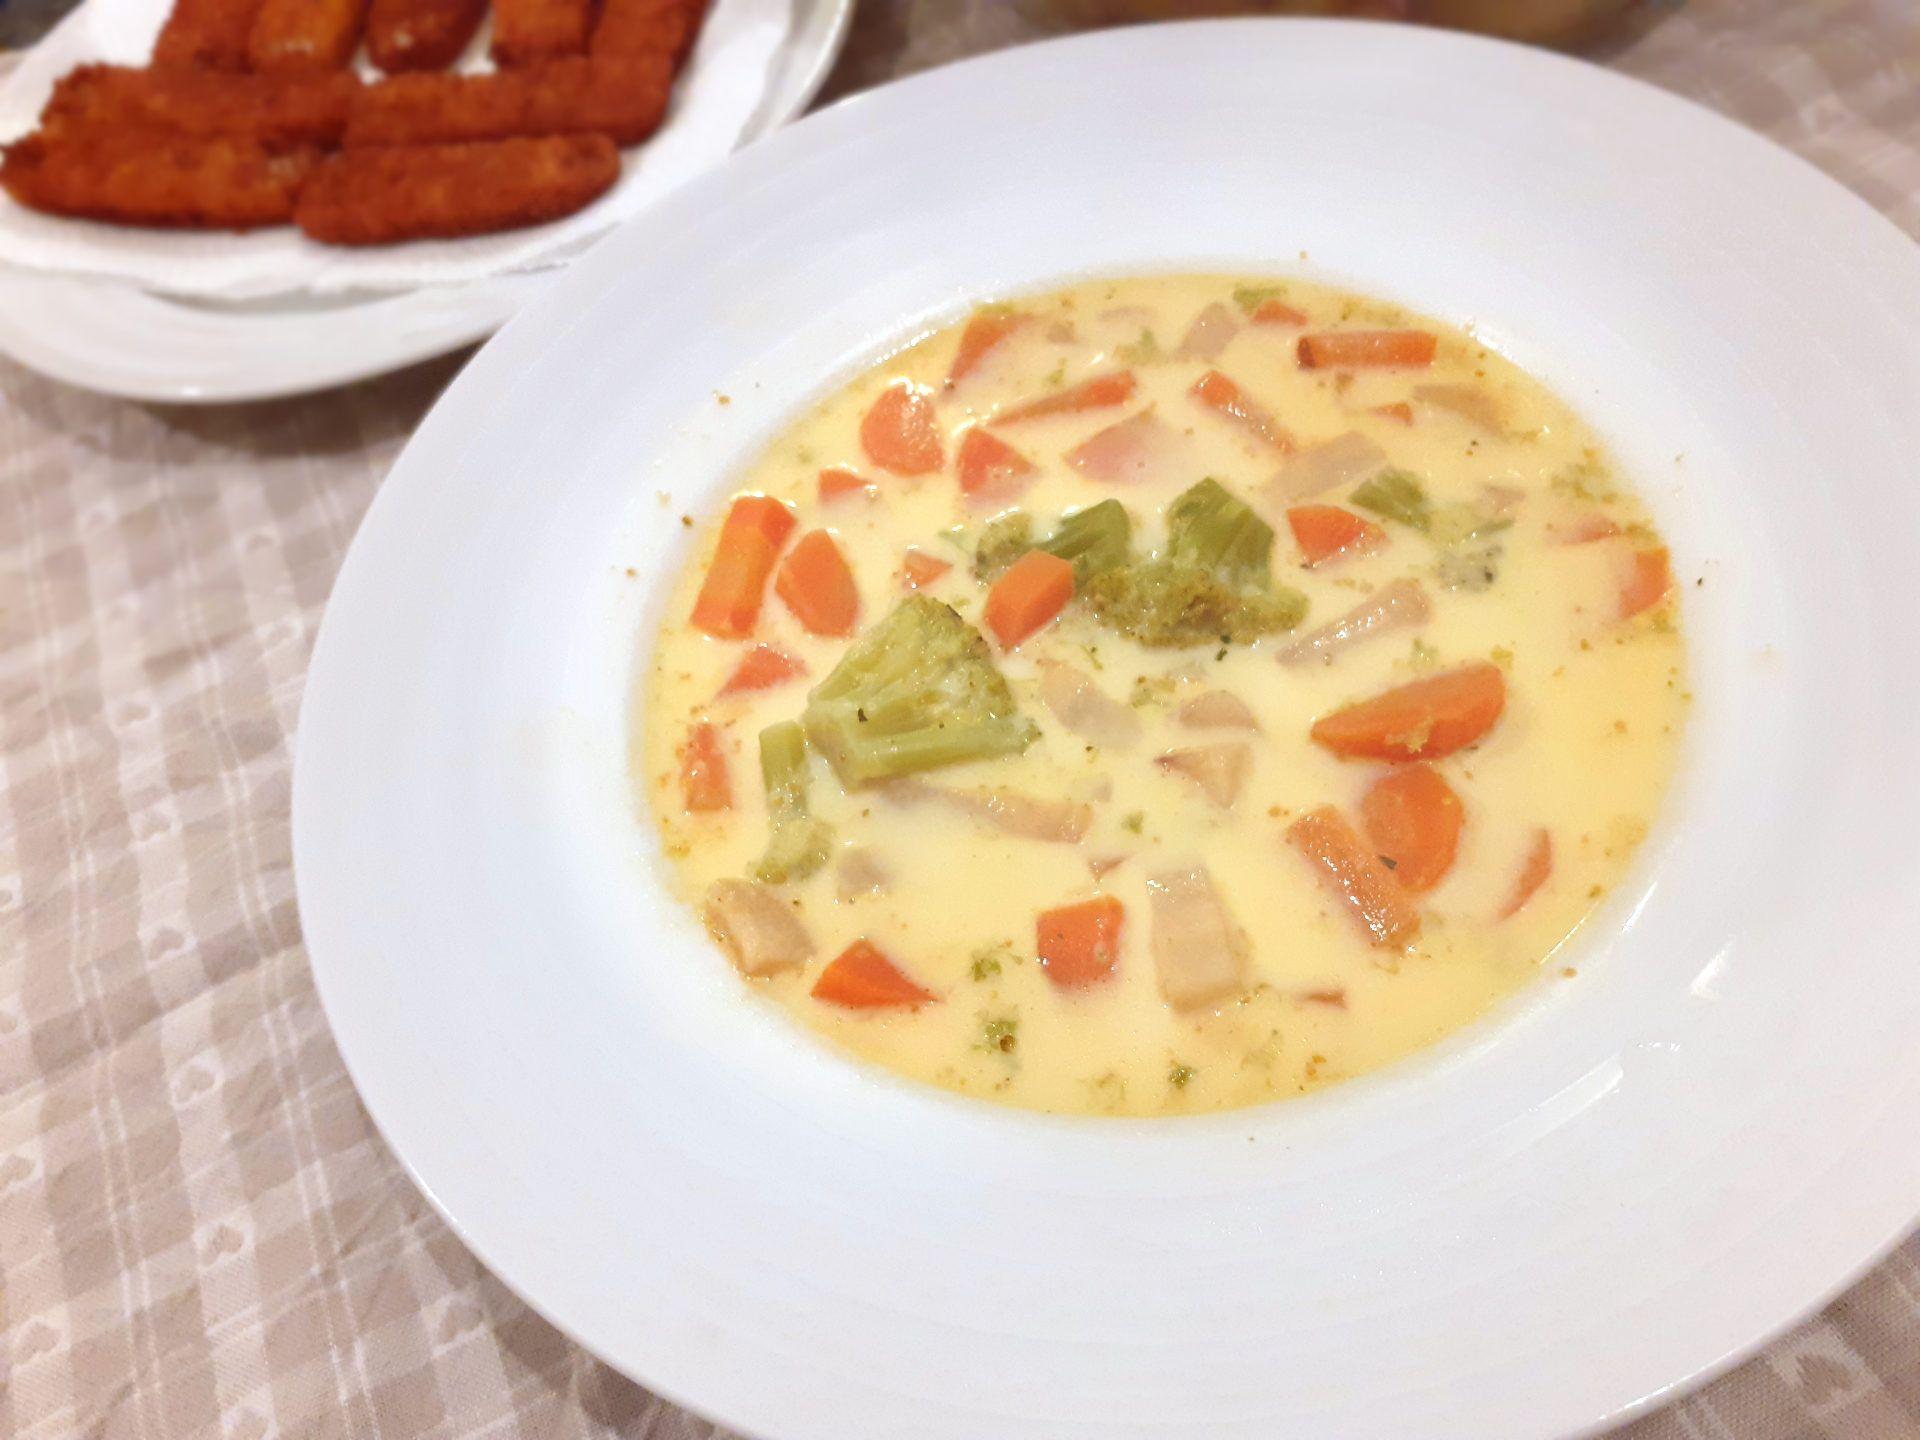 Hlboký tanier so smotanovo-brokolicovo-mrkvovo-kari príchuťou